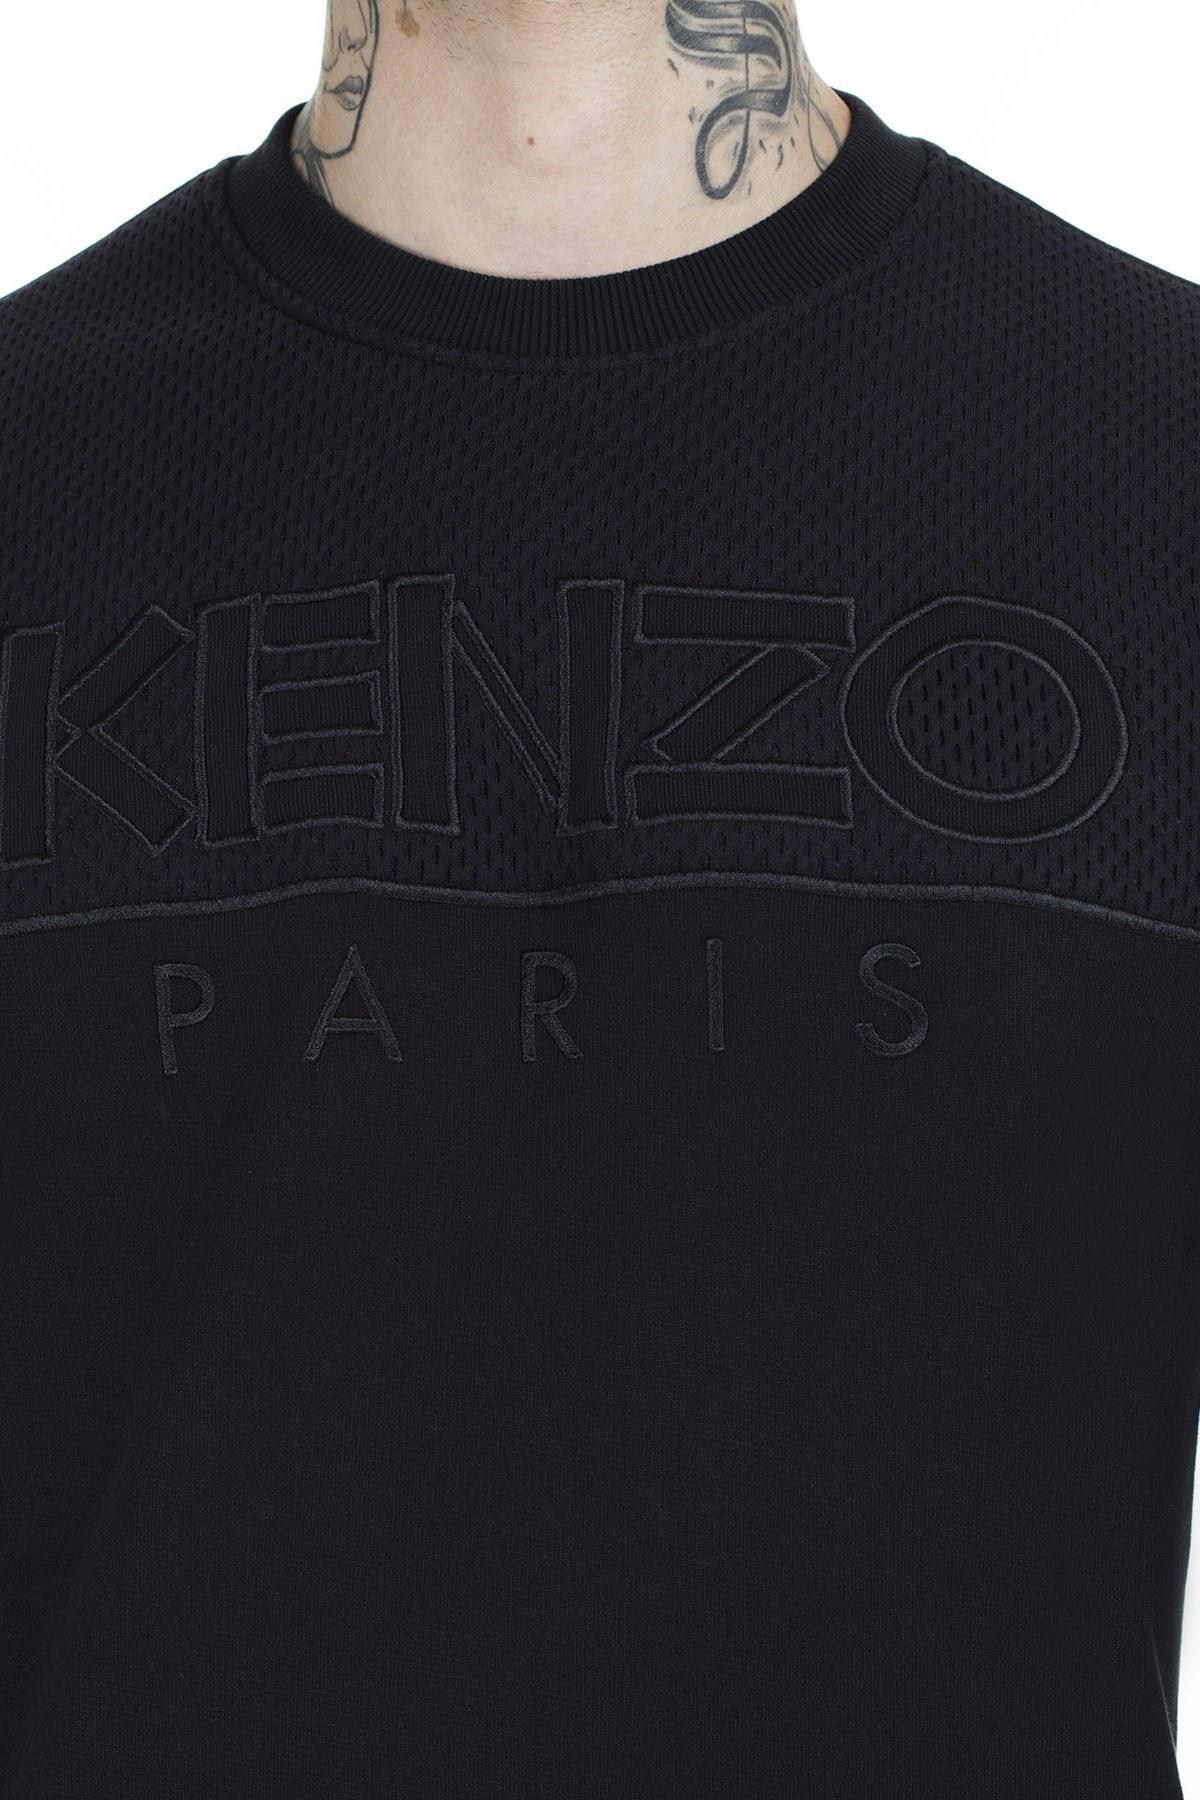 Kenzo Erkek Sweat F96 5SW104 4MC 99 SİYAH